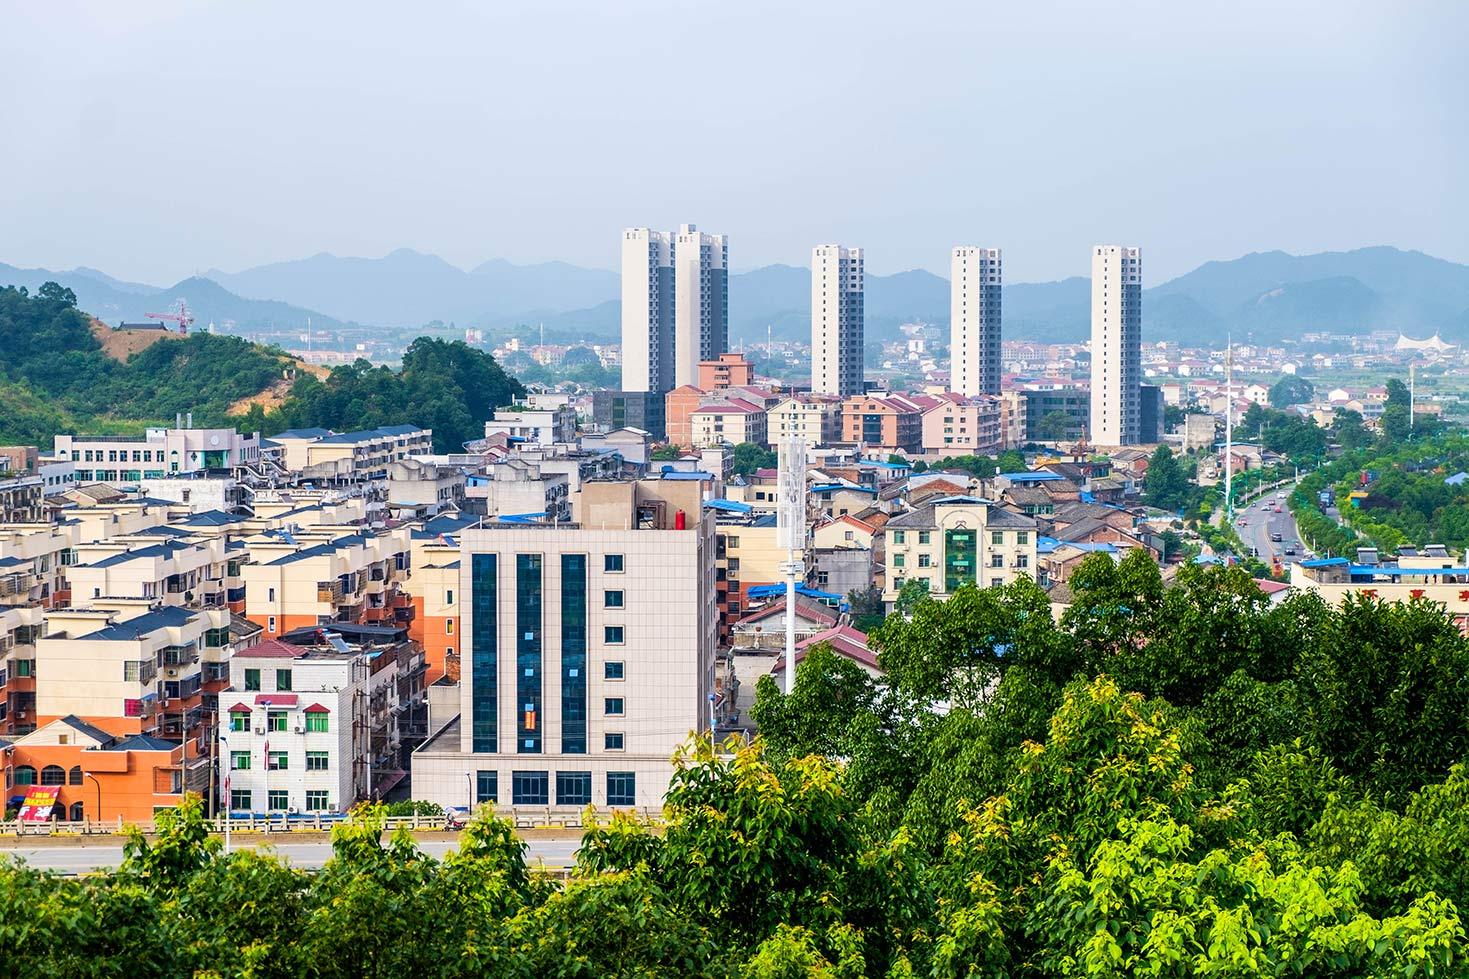 Liuyang cityscape